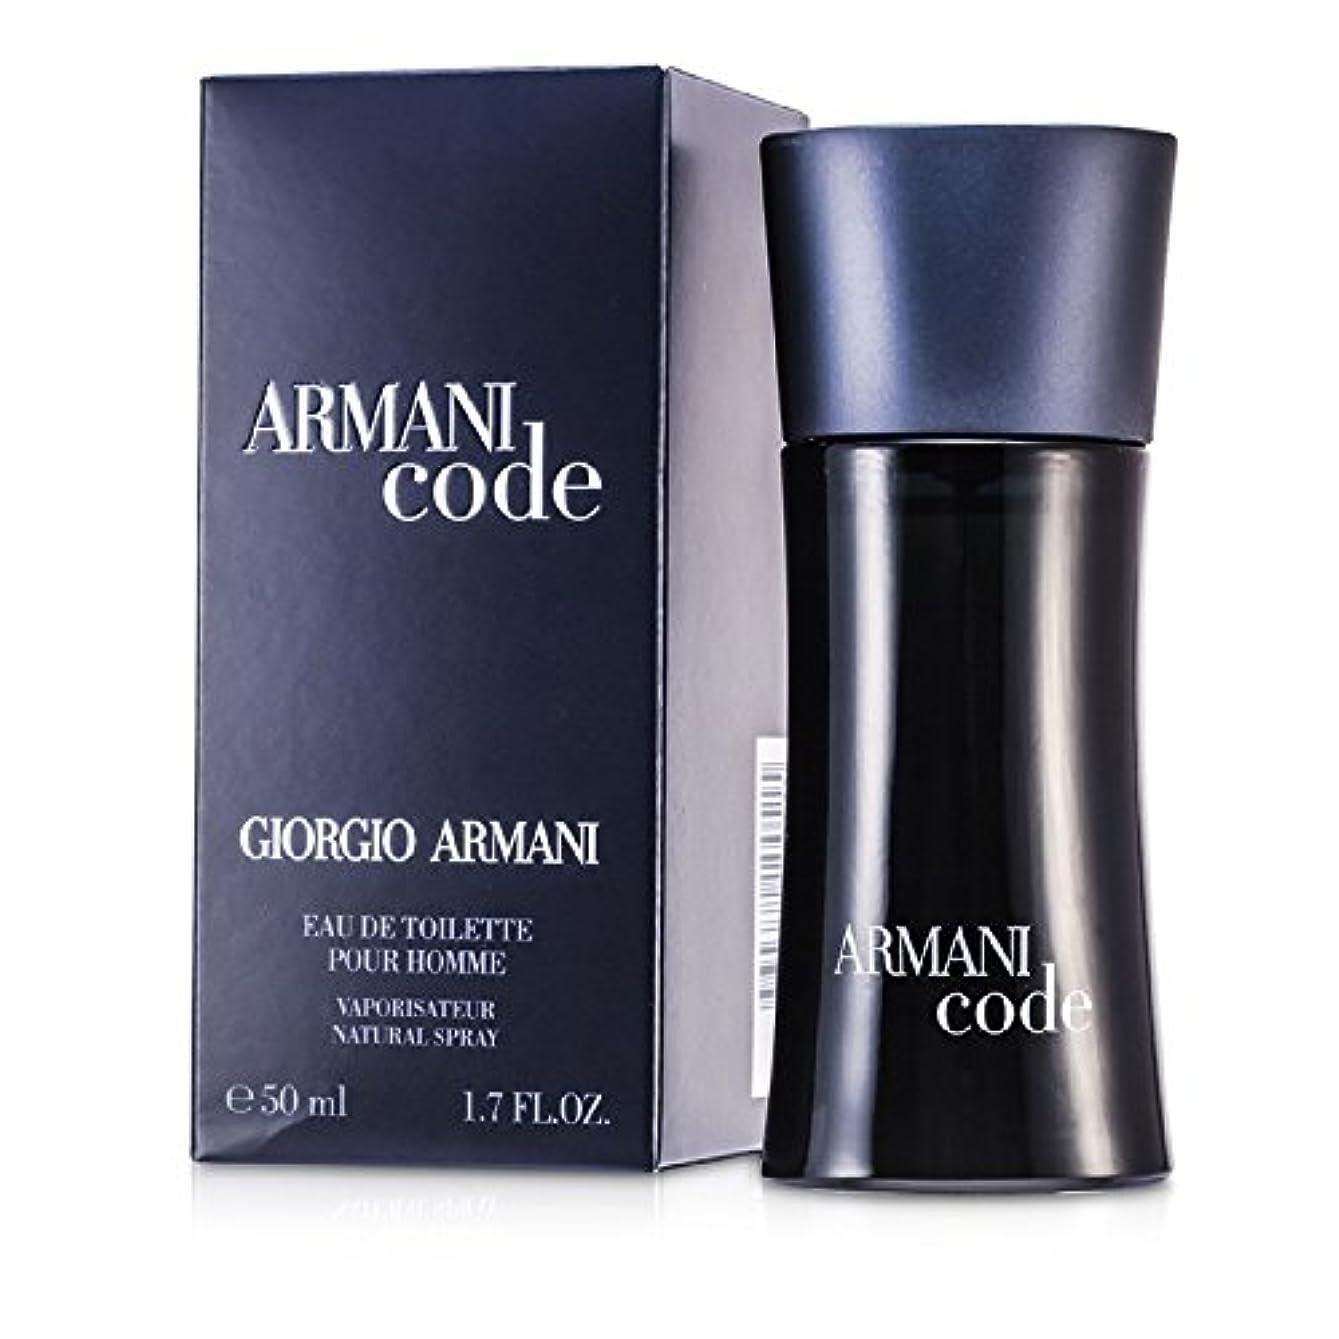 上下するお別れ筋肉のジョルジオアルマーニ アルマーニ コード EDTスプレー 50ml/1.7oz並行輸入品